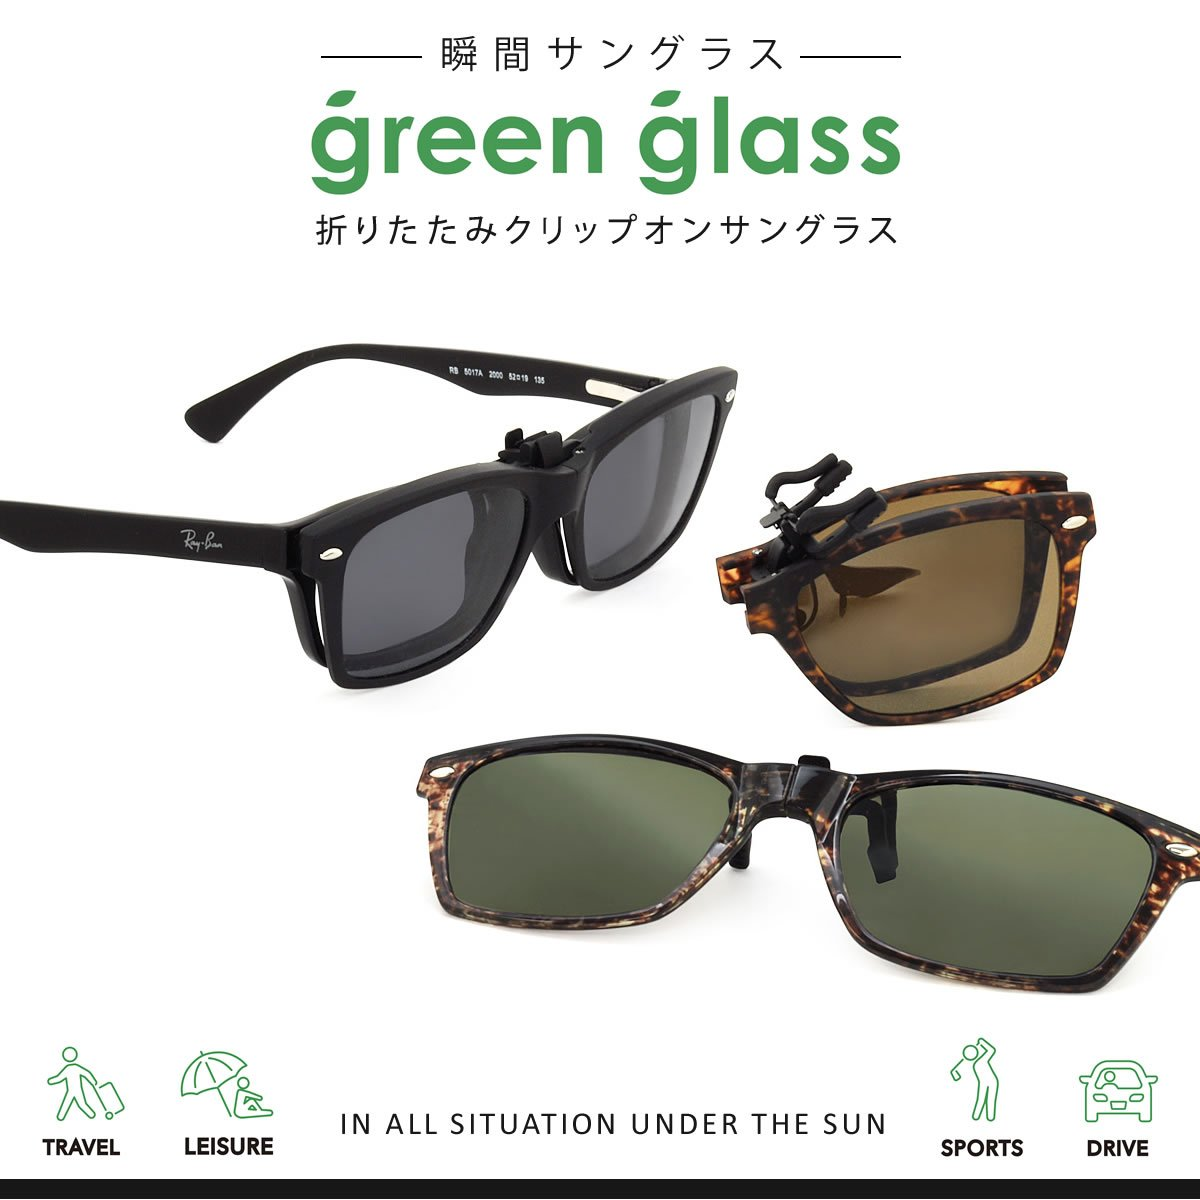 green glass(グリーングラス) 折りたたみクリップオンサングラス GR-007B 53サイズ ブラックマット